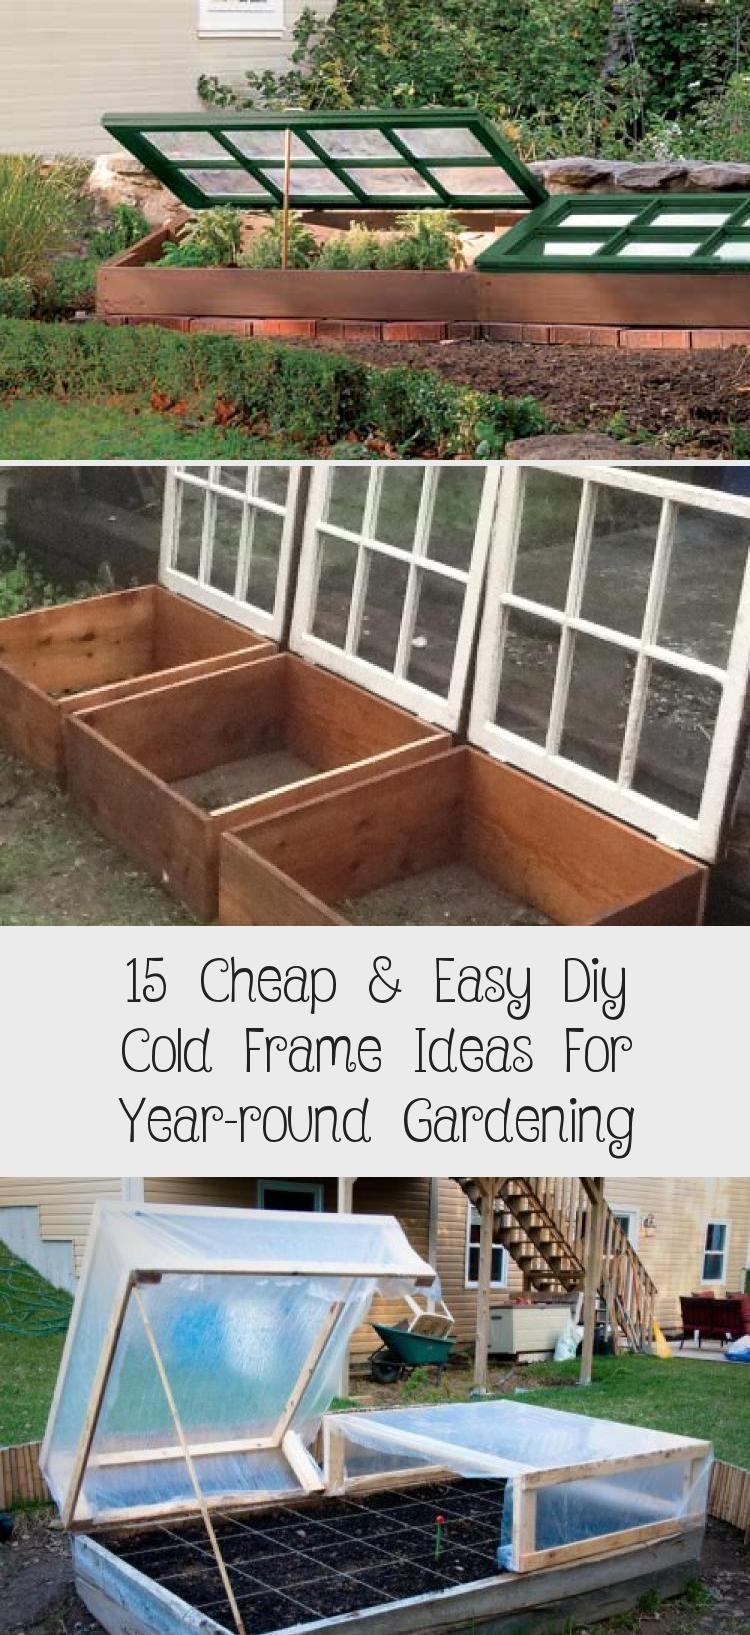 Photo of 15 günstige und einfache DIY Cold Frame-Ideen für die ganzjährige Gartenarbeit #diygardenIndo…